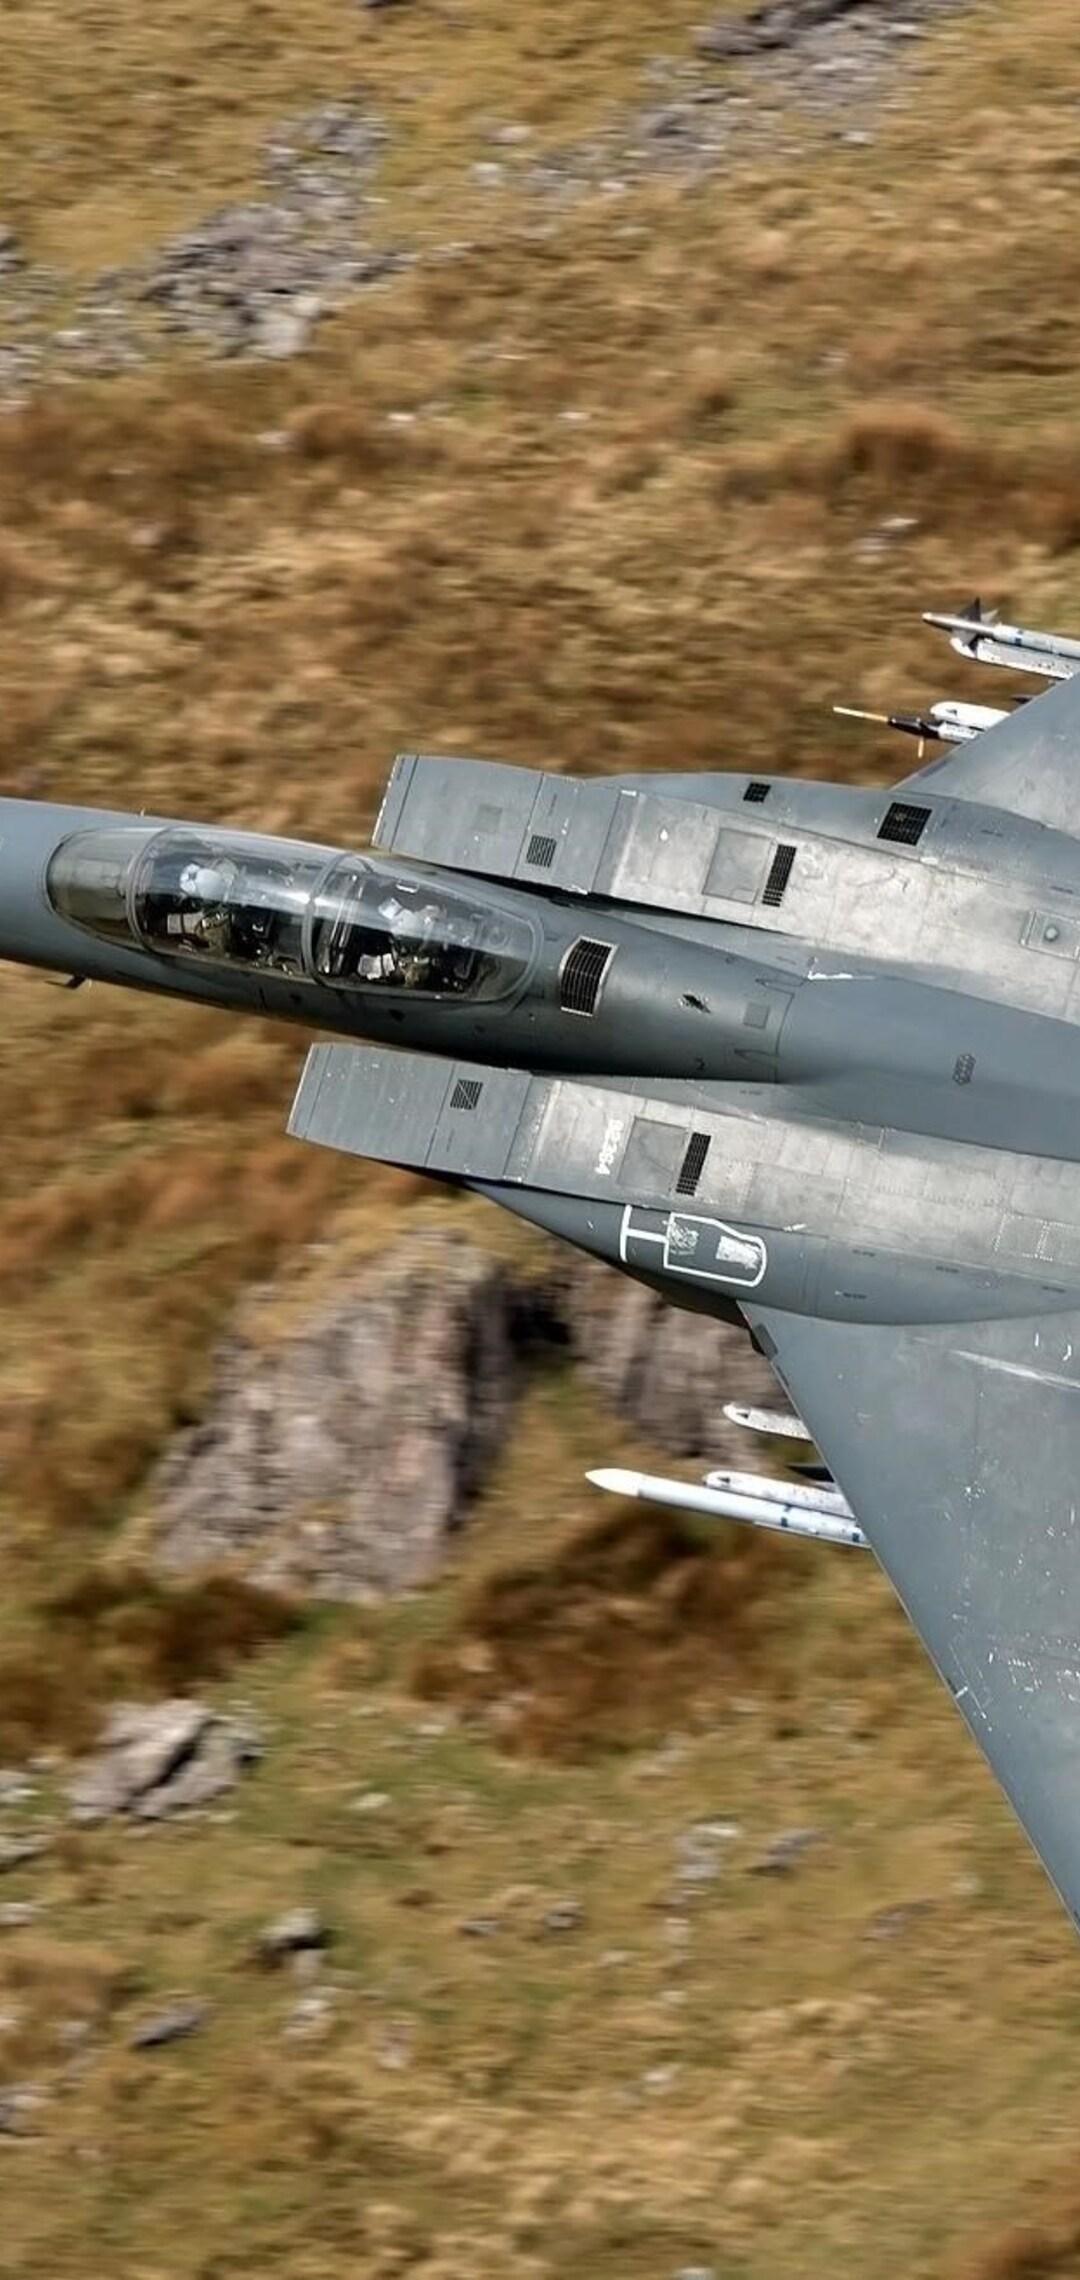 mcdonnell-douglas-f-15e-strike-eagle.jpg